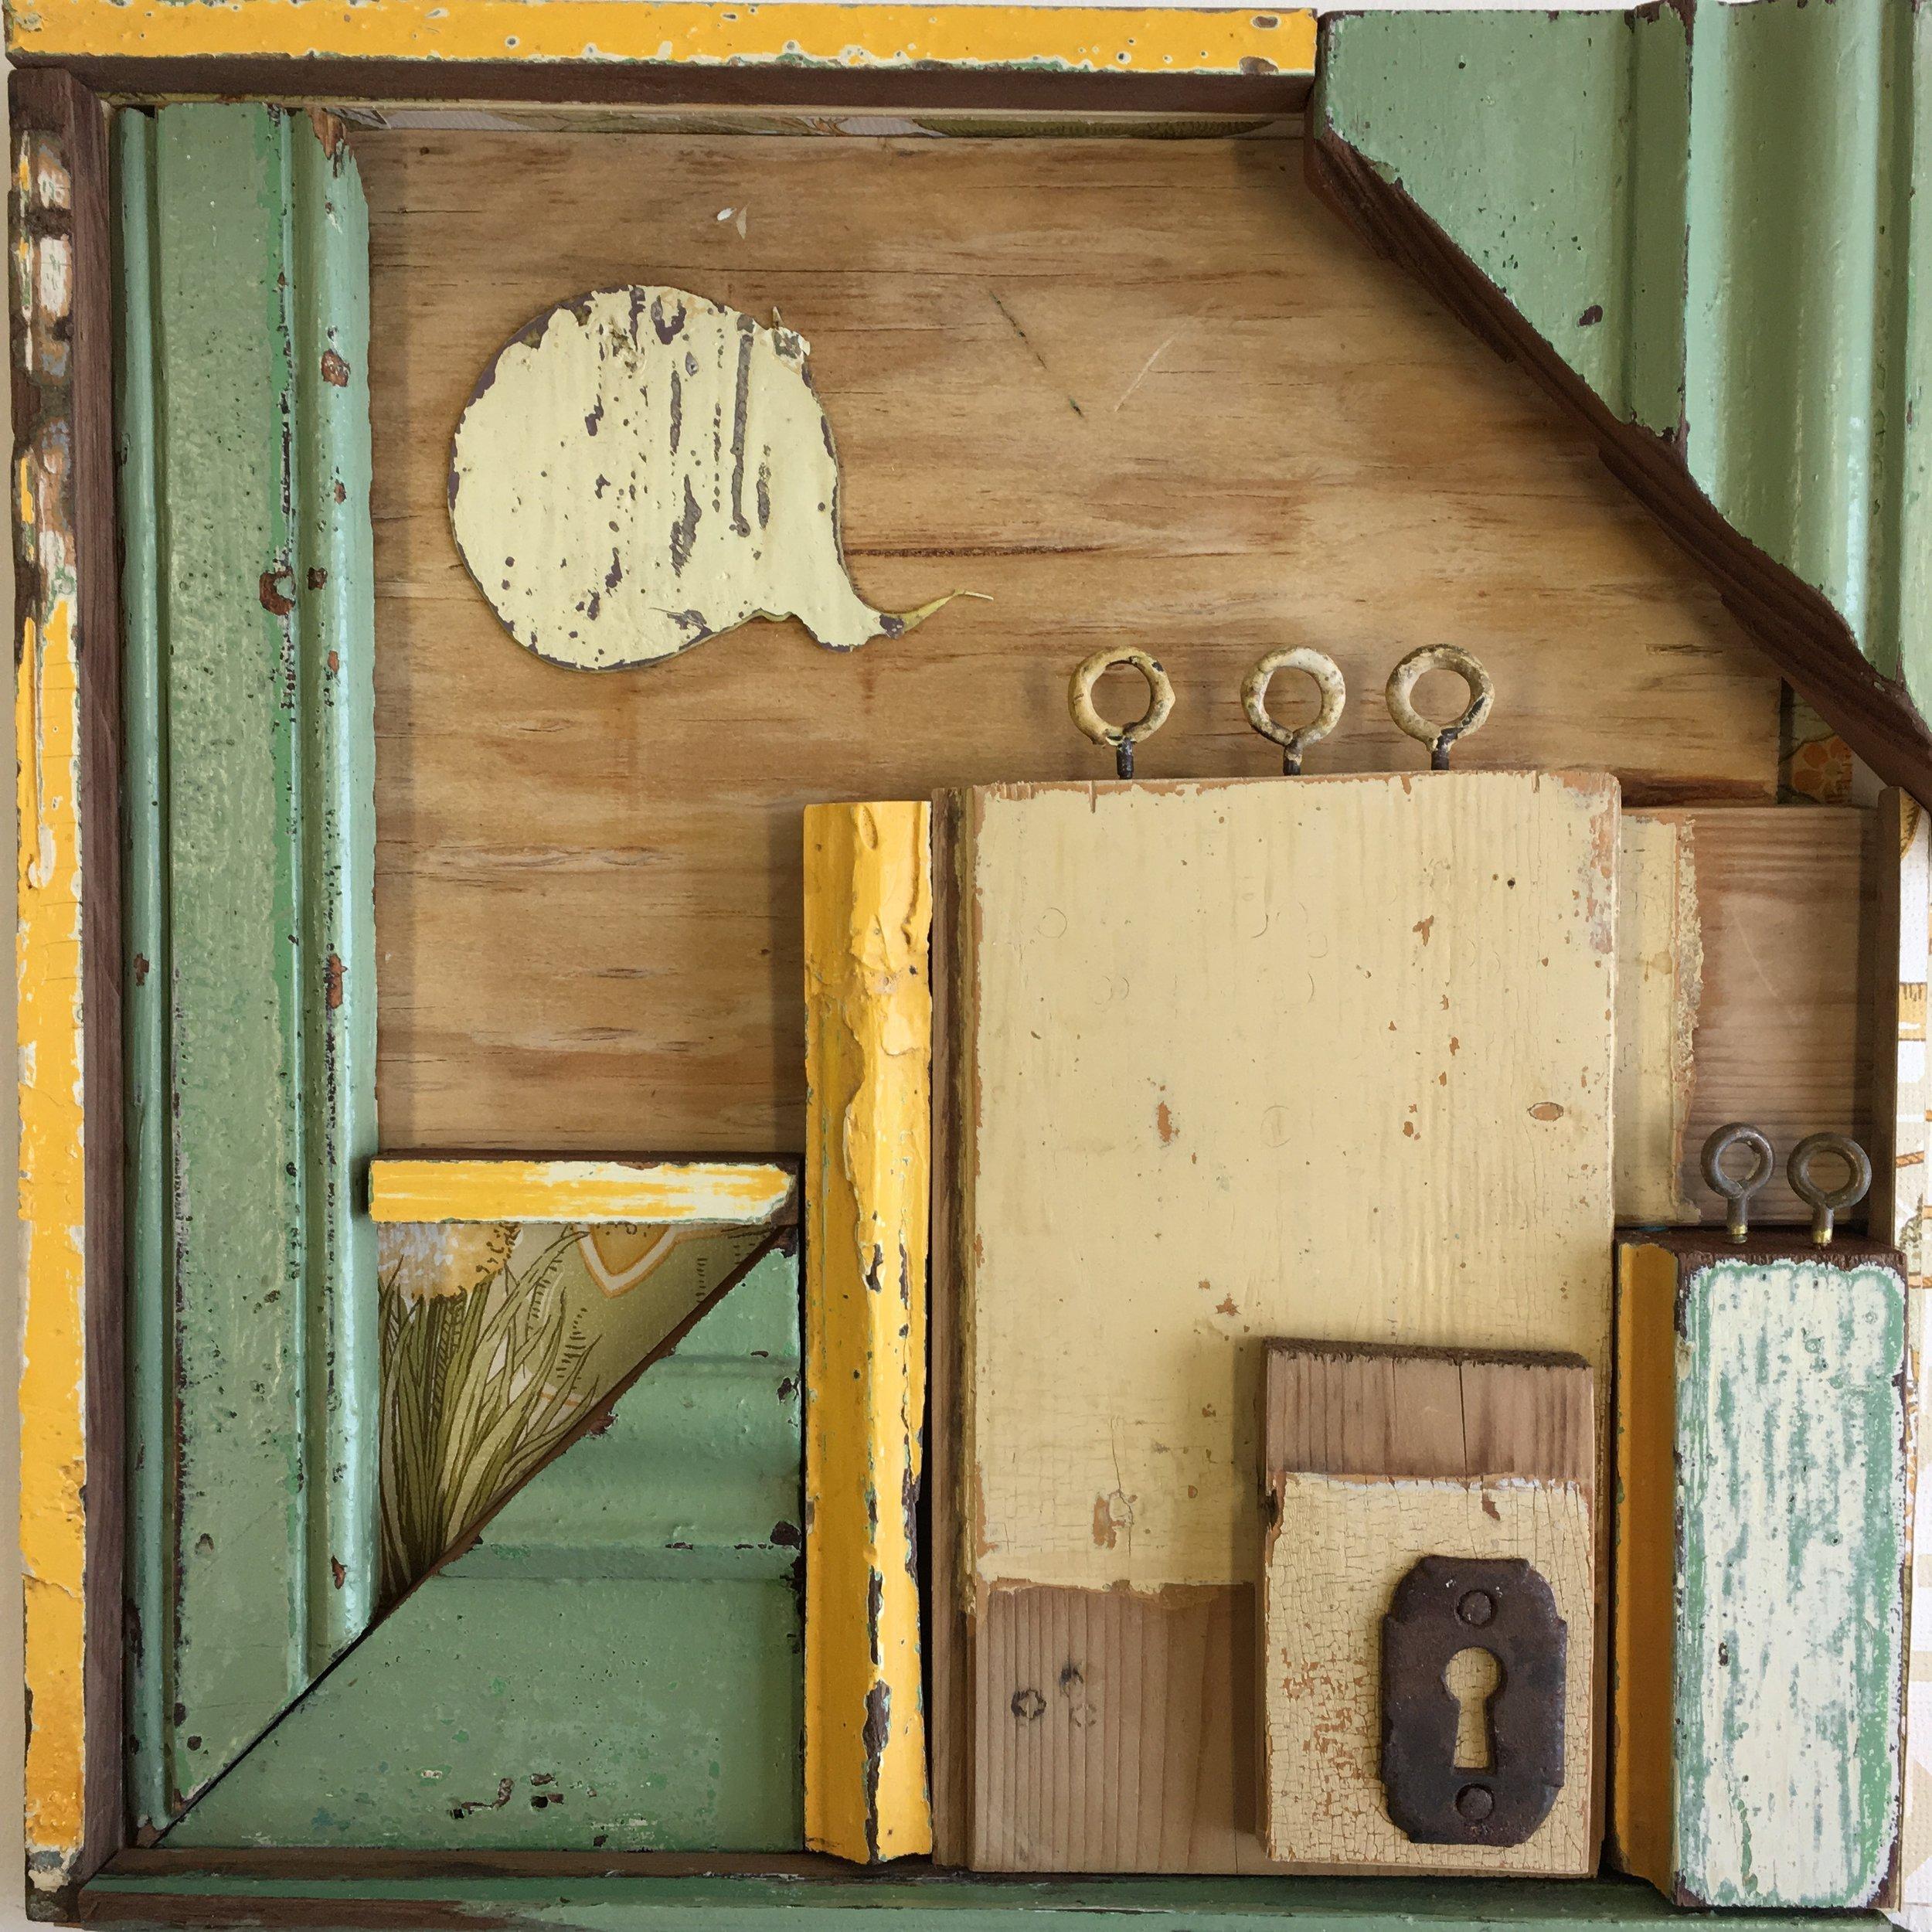 Judy Henry_Victorian Kitchen Artefacts_1.JPG